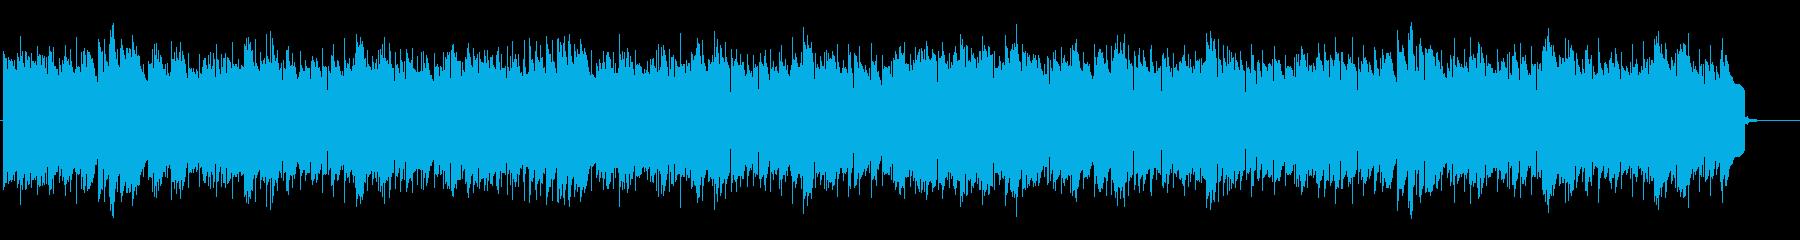 心に染み入るピアノサウンドのスロージャズの再生済みの波形